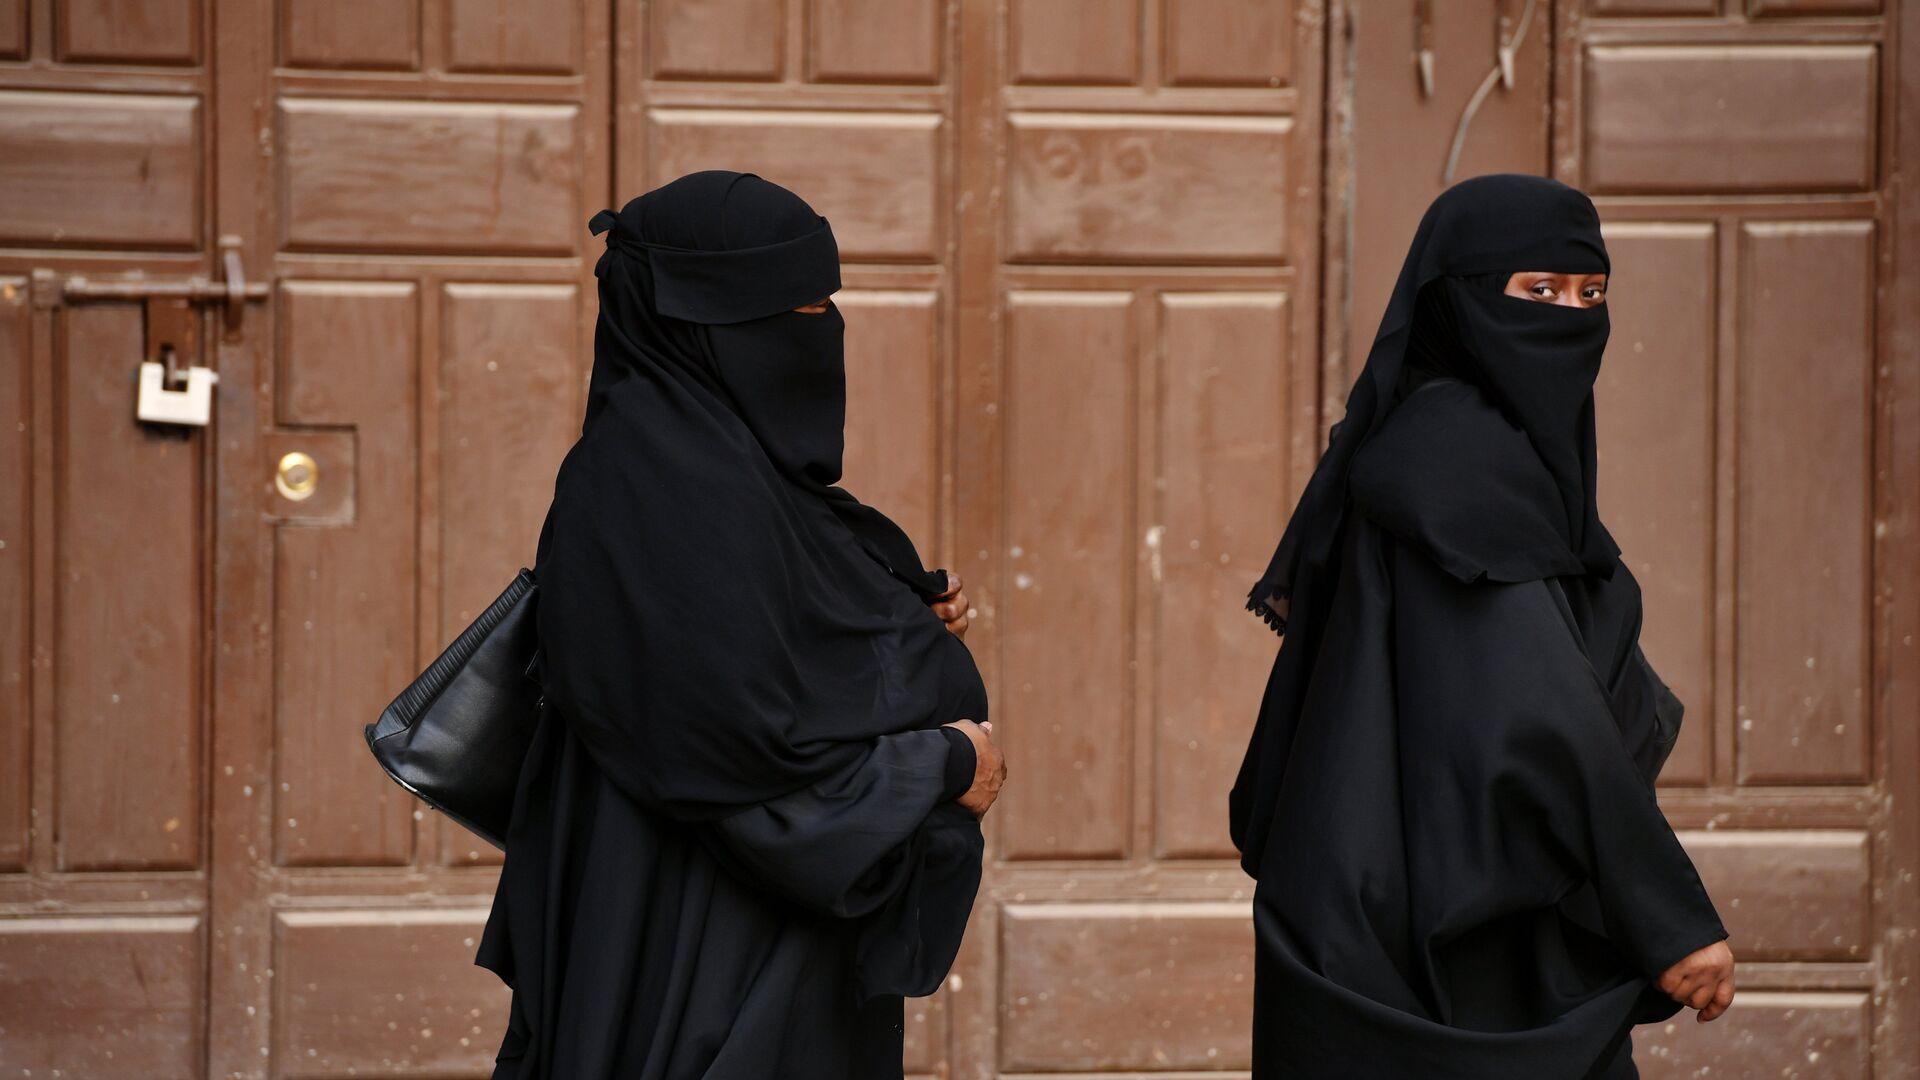 Arabia Saudita, donne arabe - Sputnik Italia, 1920, 29.06.2021